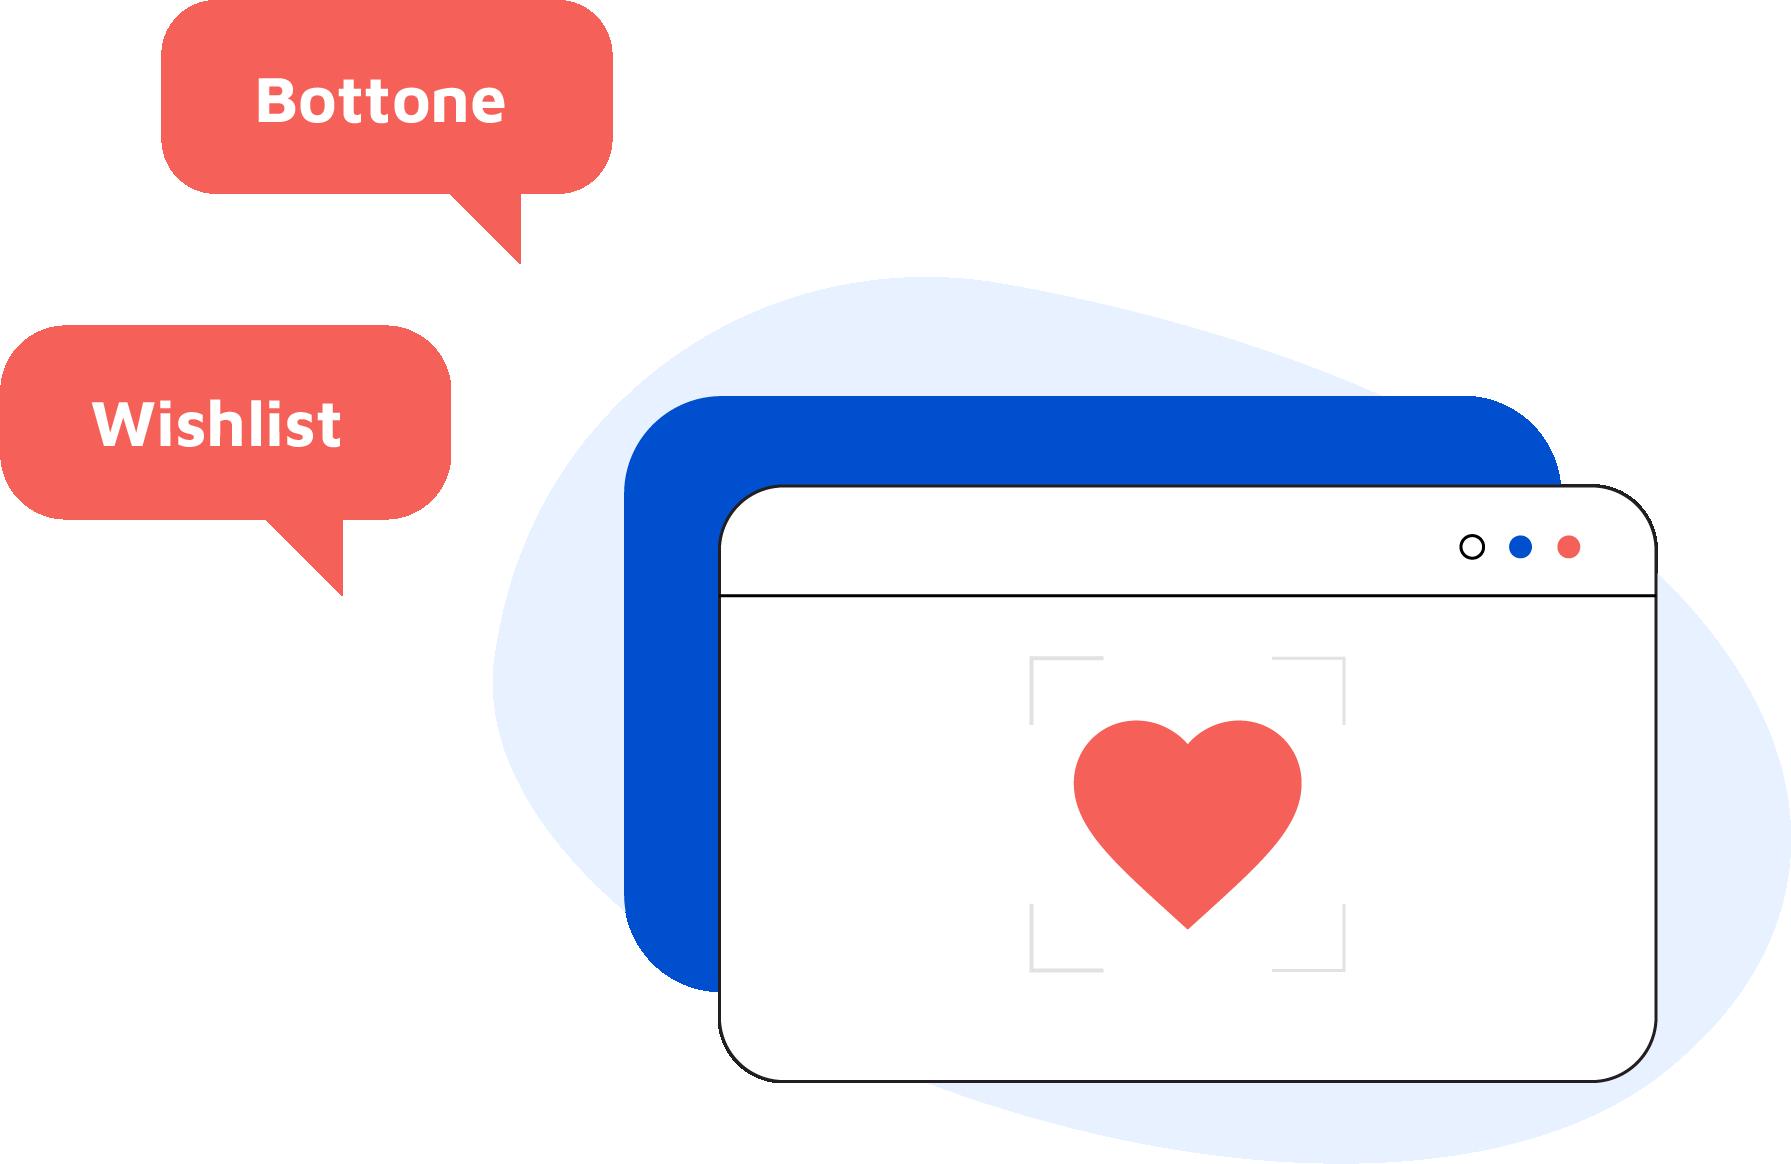 Illustrazione di una pagina web con all'interno un cuore e all'esterno due fumetti con le scritte Wishlist e Bottone